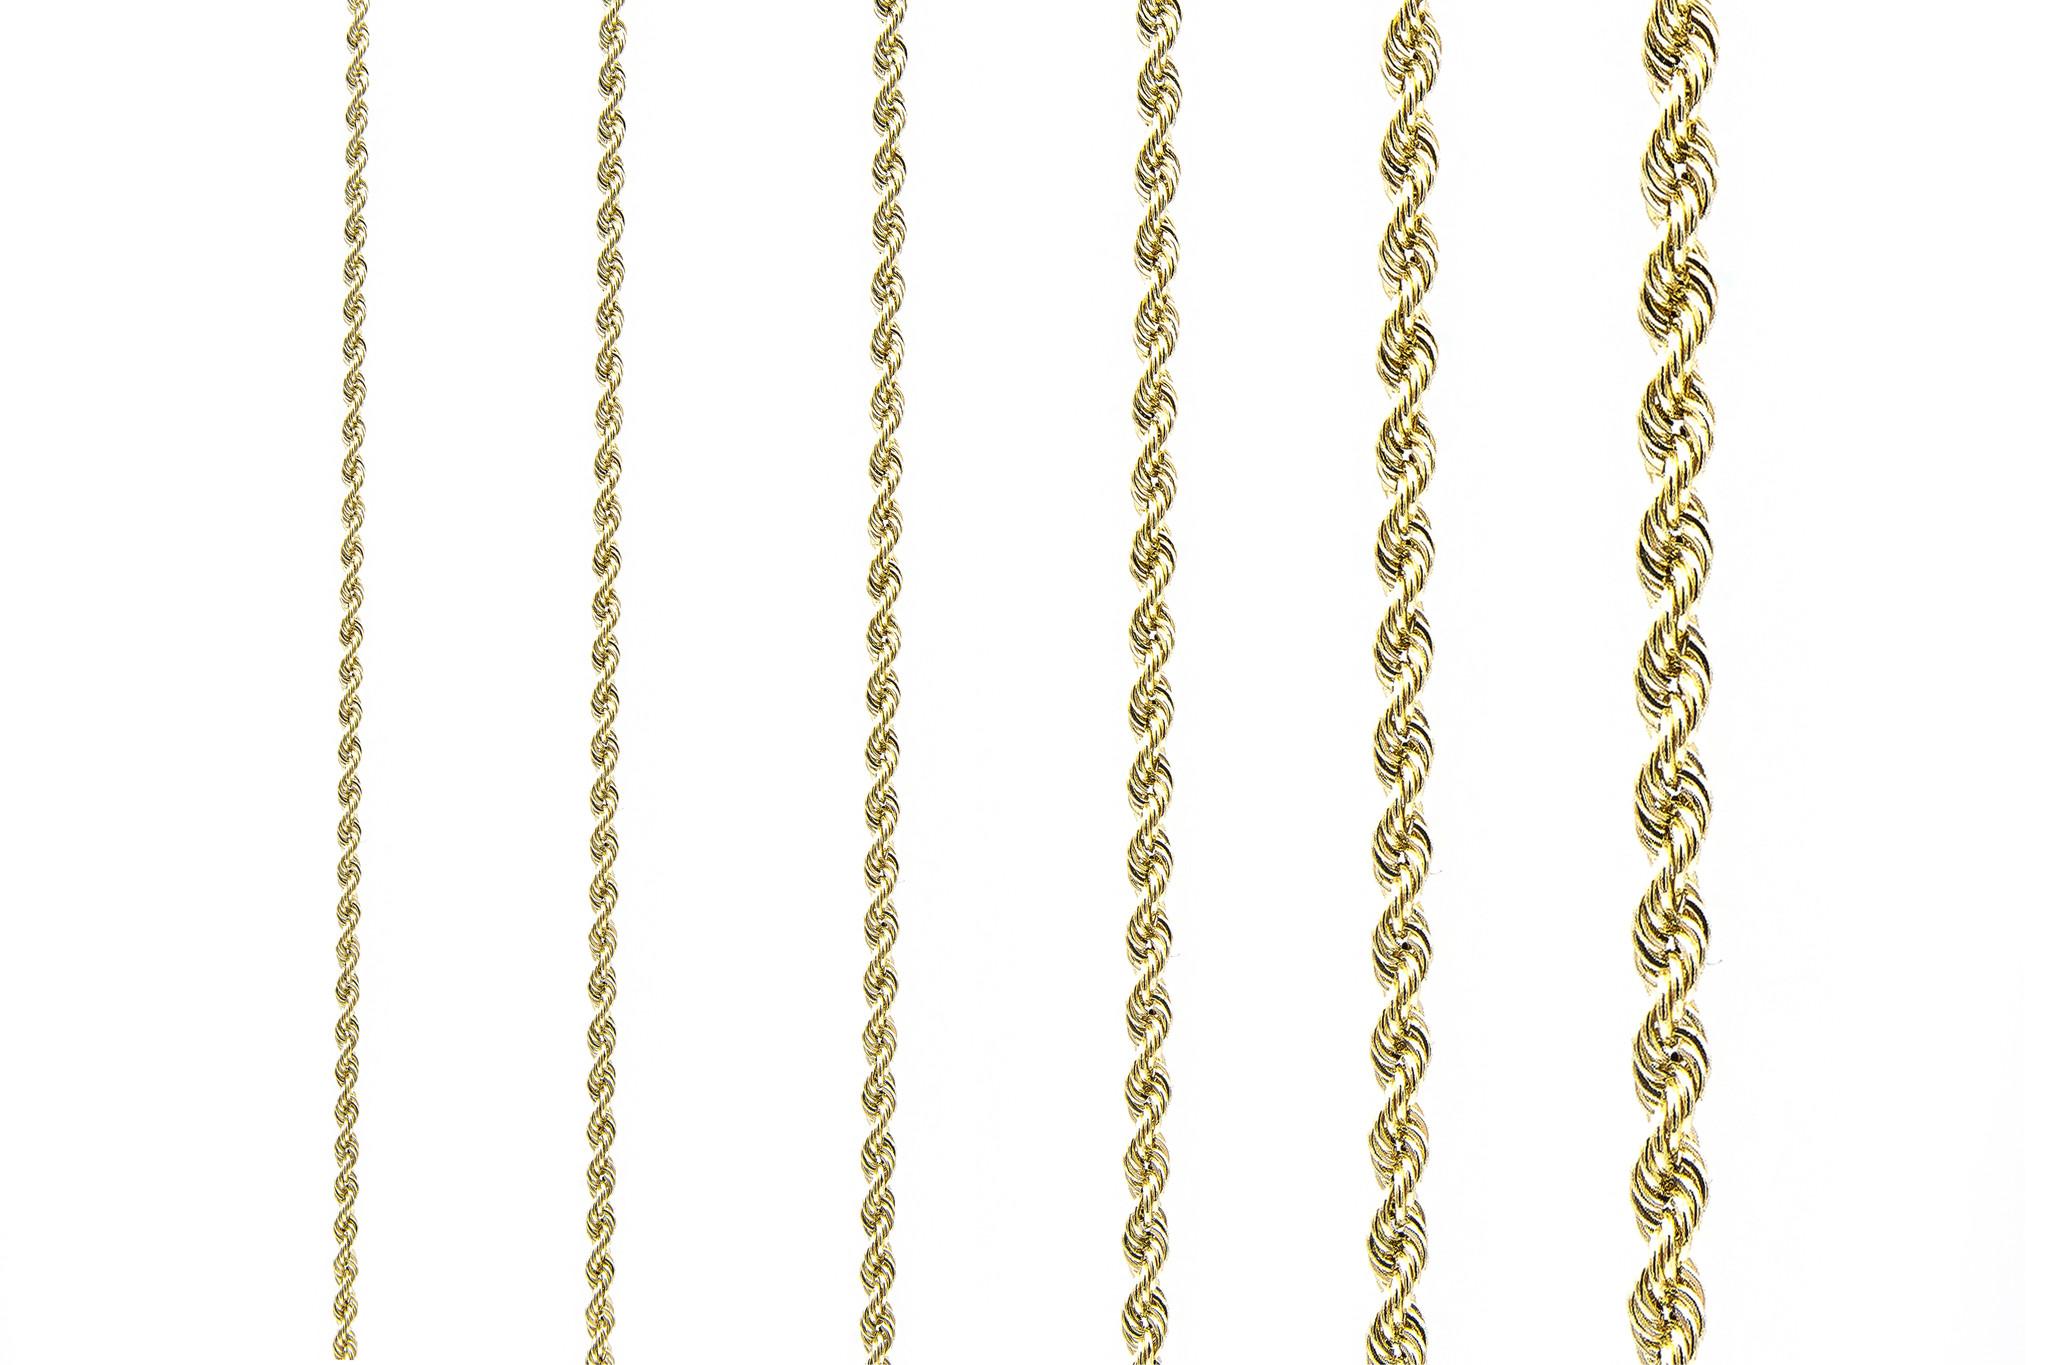 Rope chain Nederlands goud 18kt 4mm-2